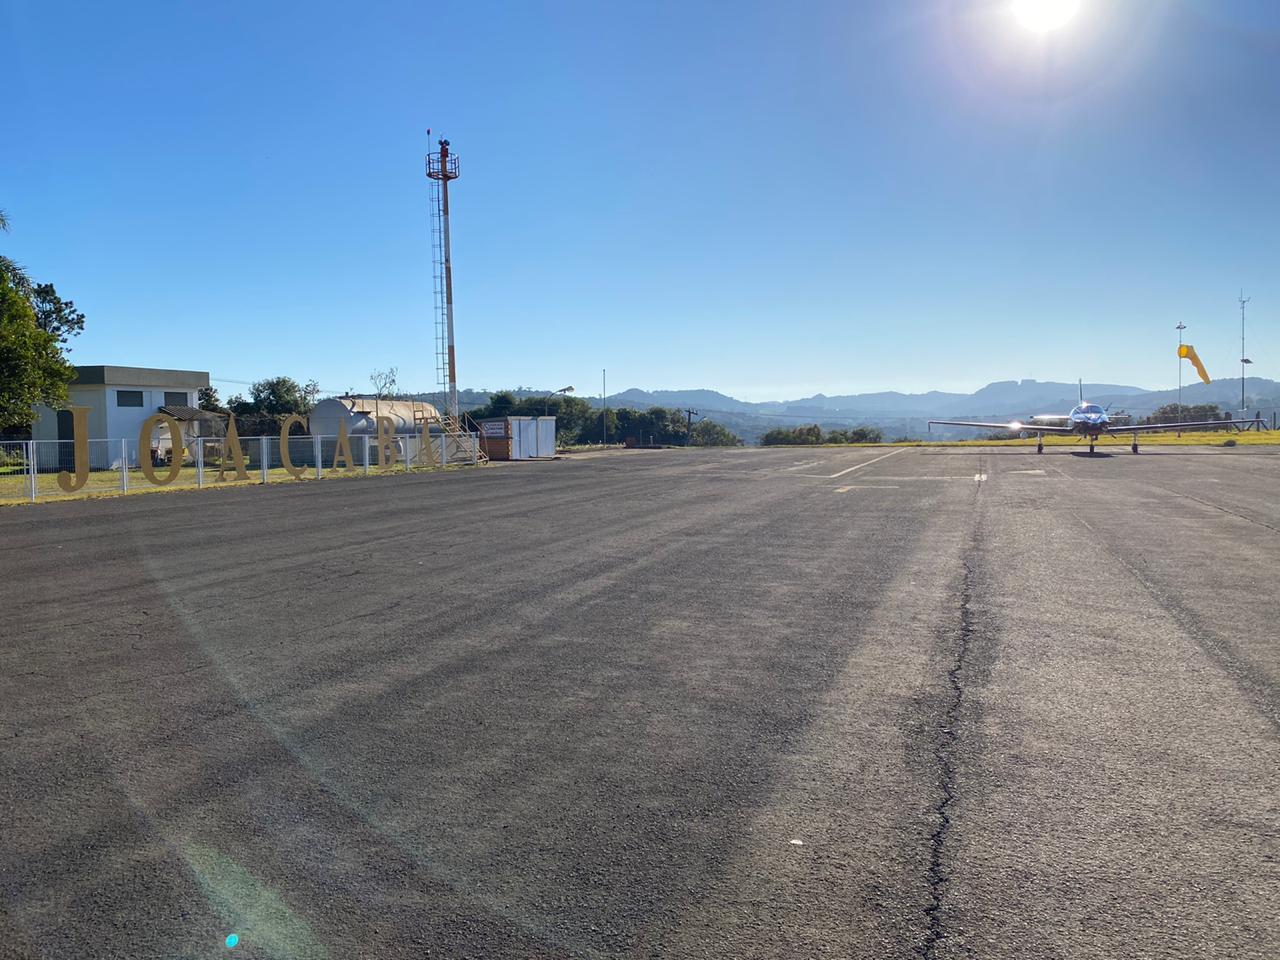 Aeroporto Santa Terezinha de Joaçaba